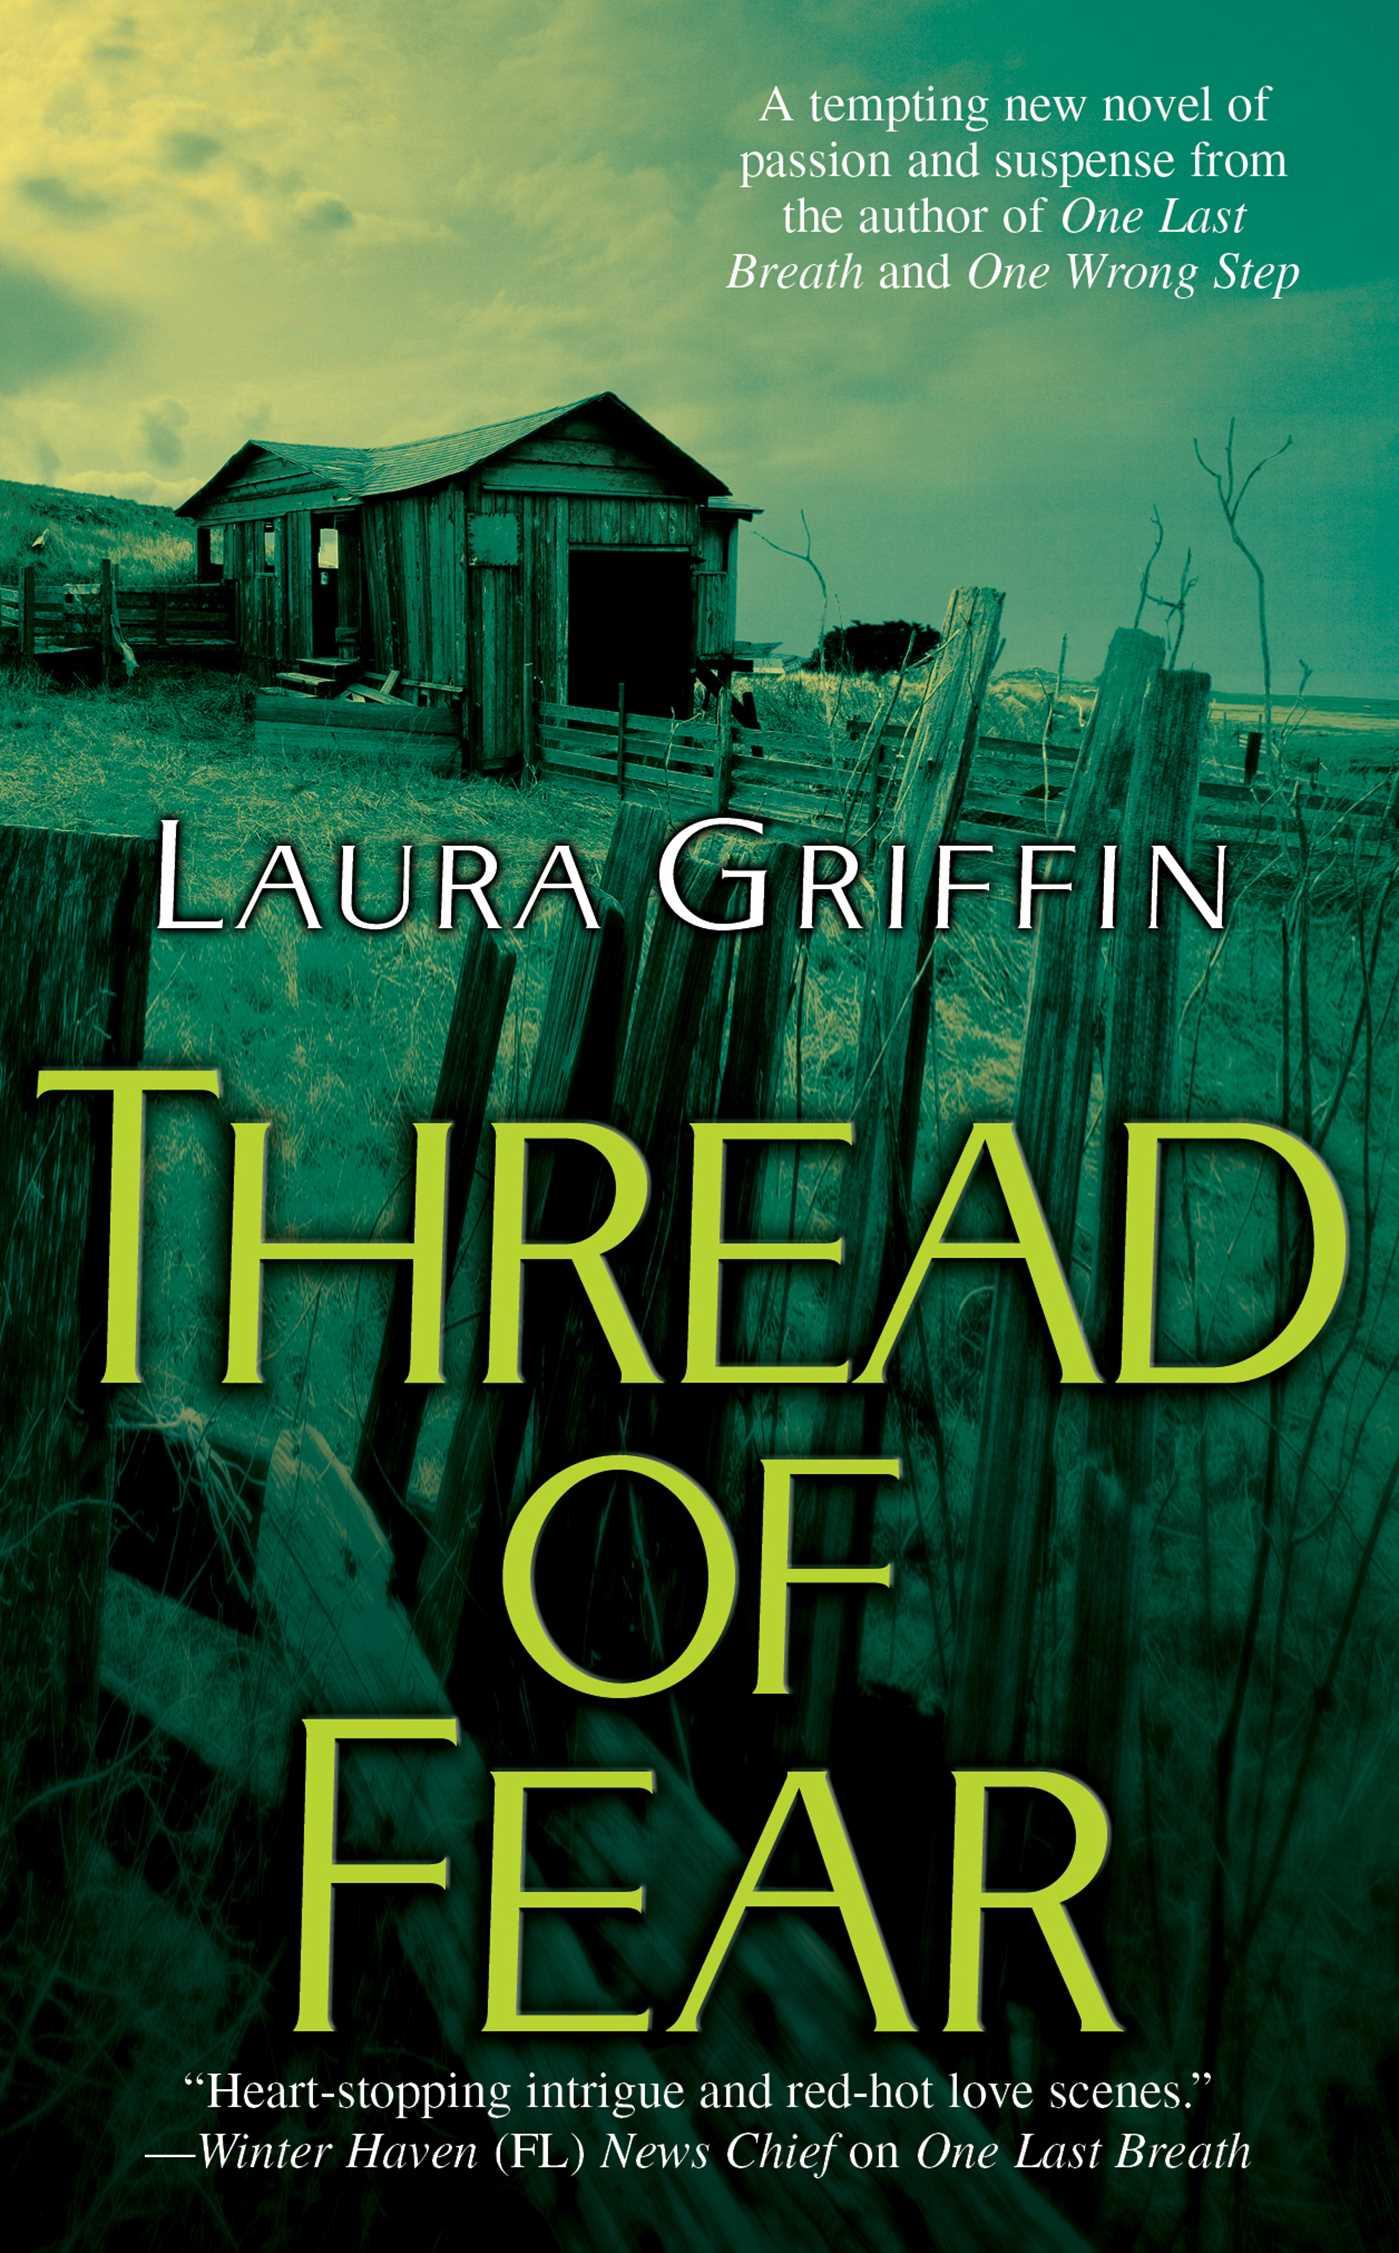 Thread of fear 9781416570639 hr